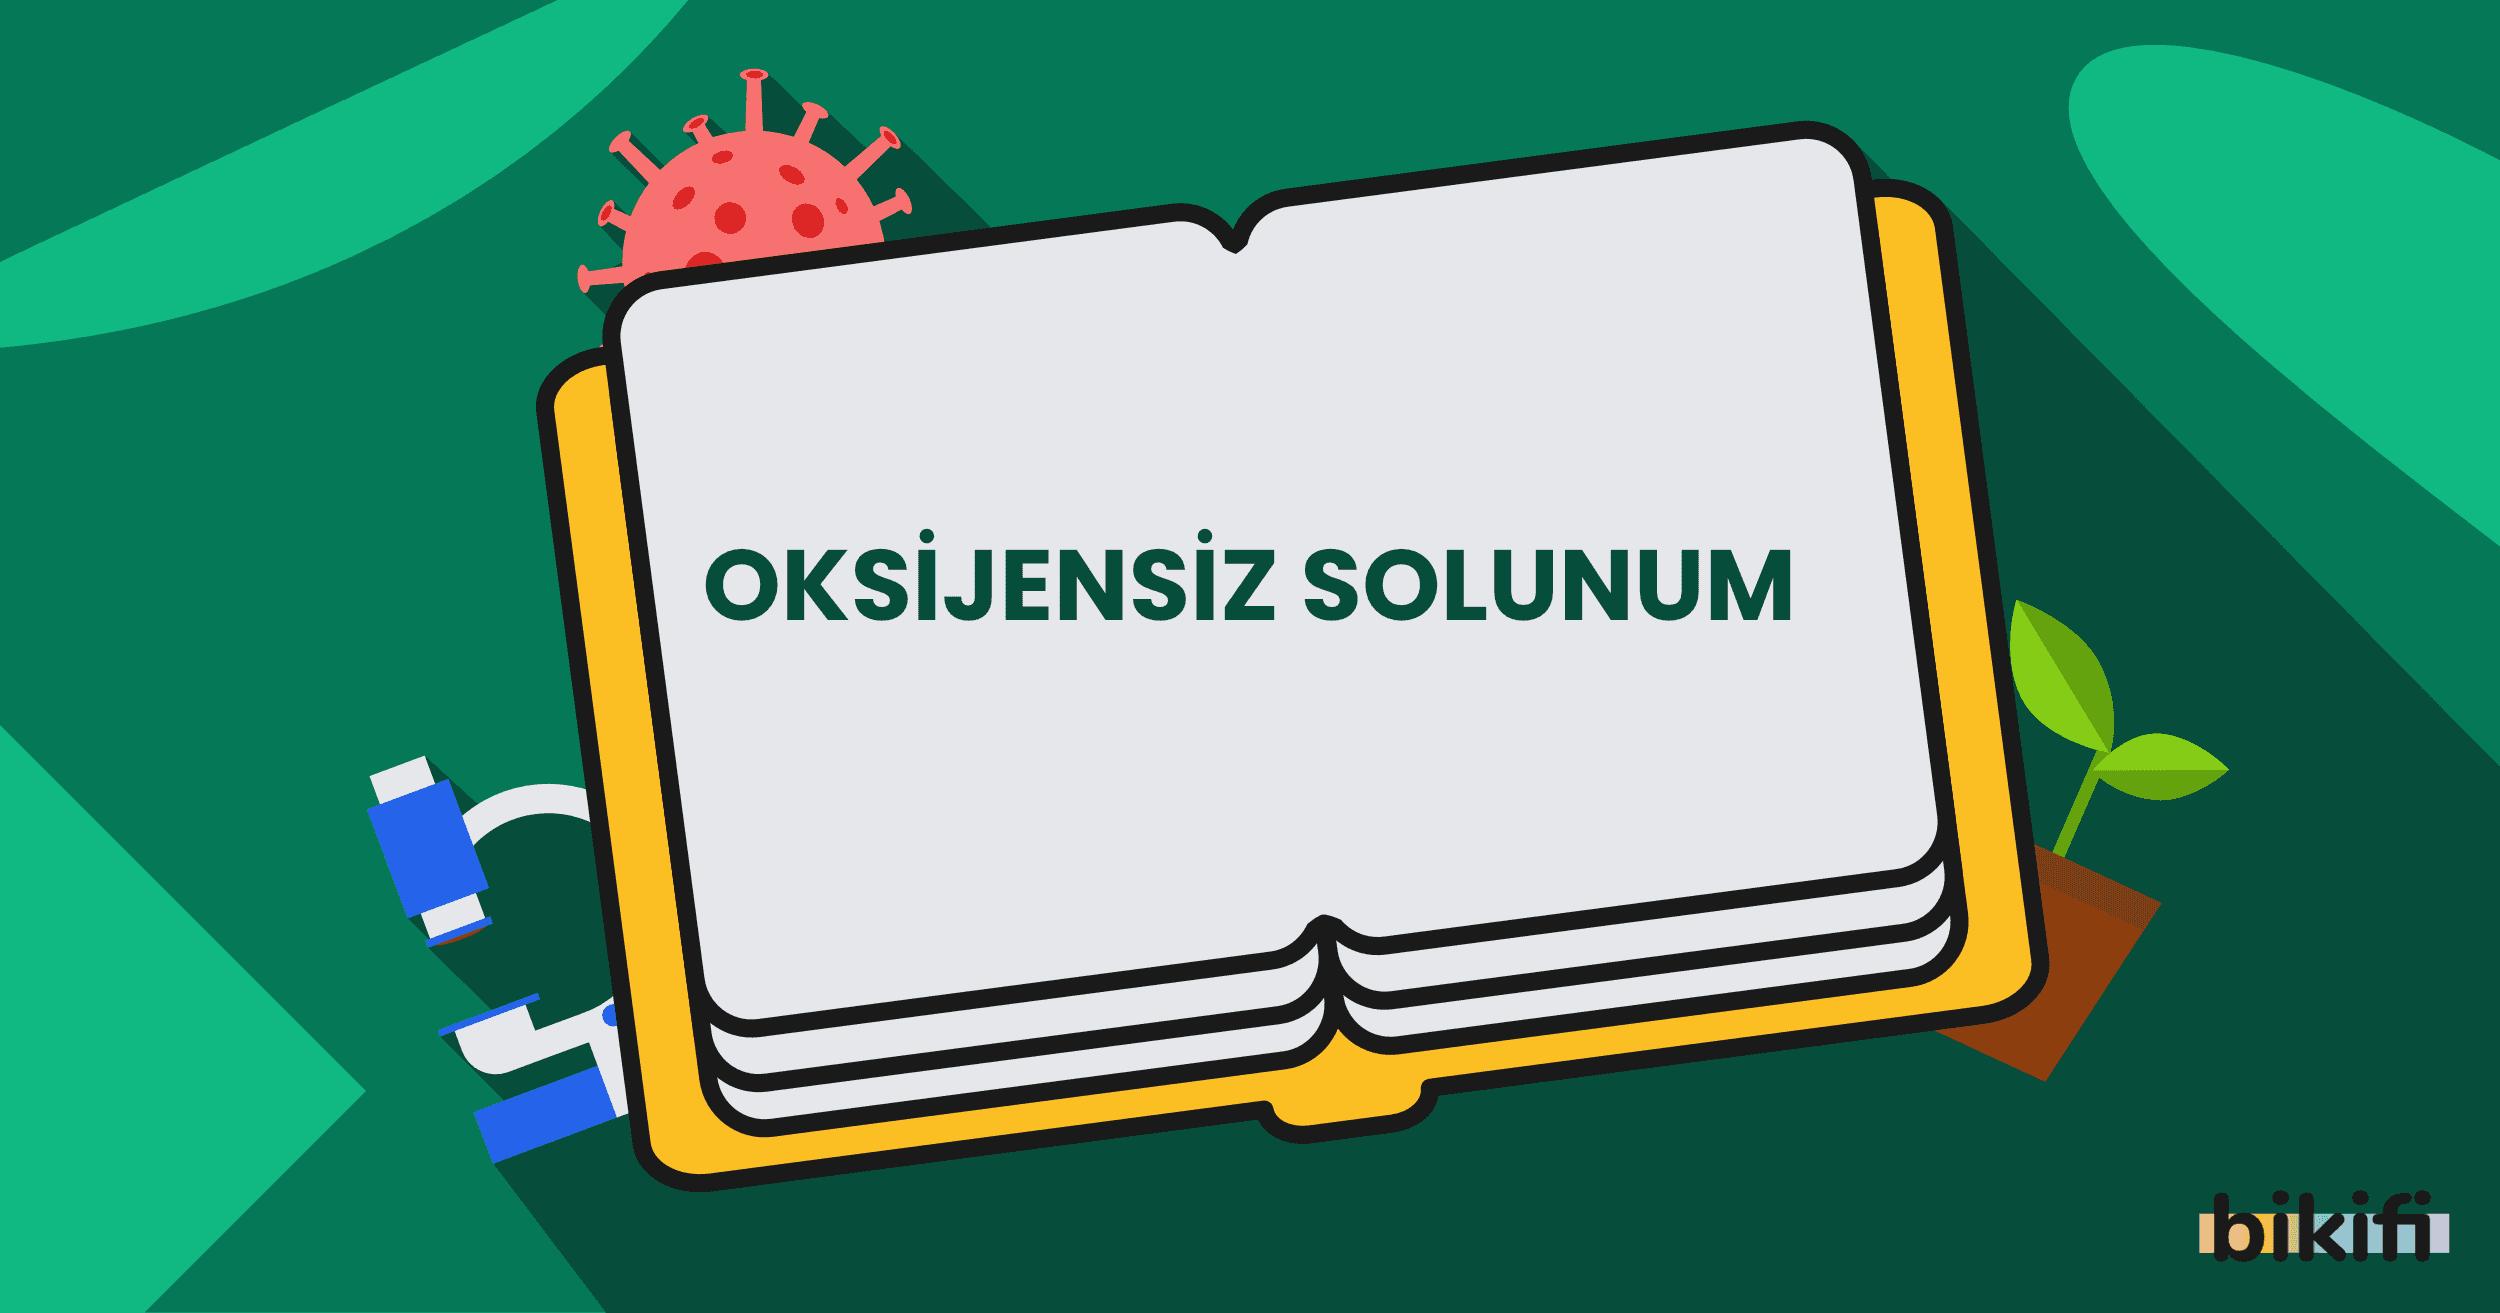 Oksijensiz Solunum